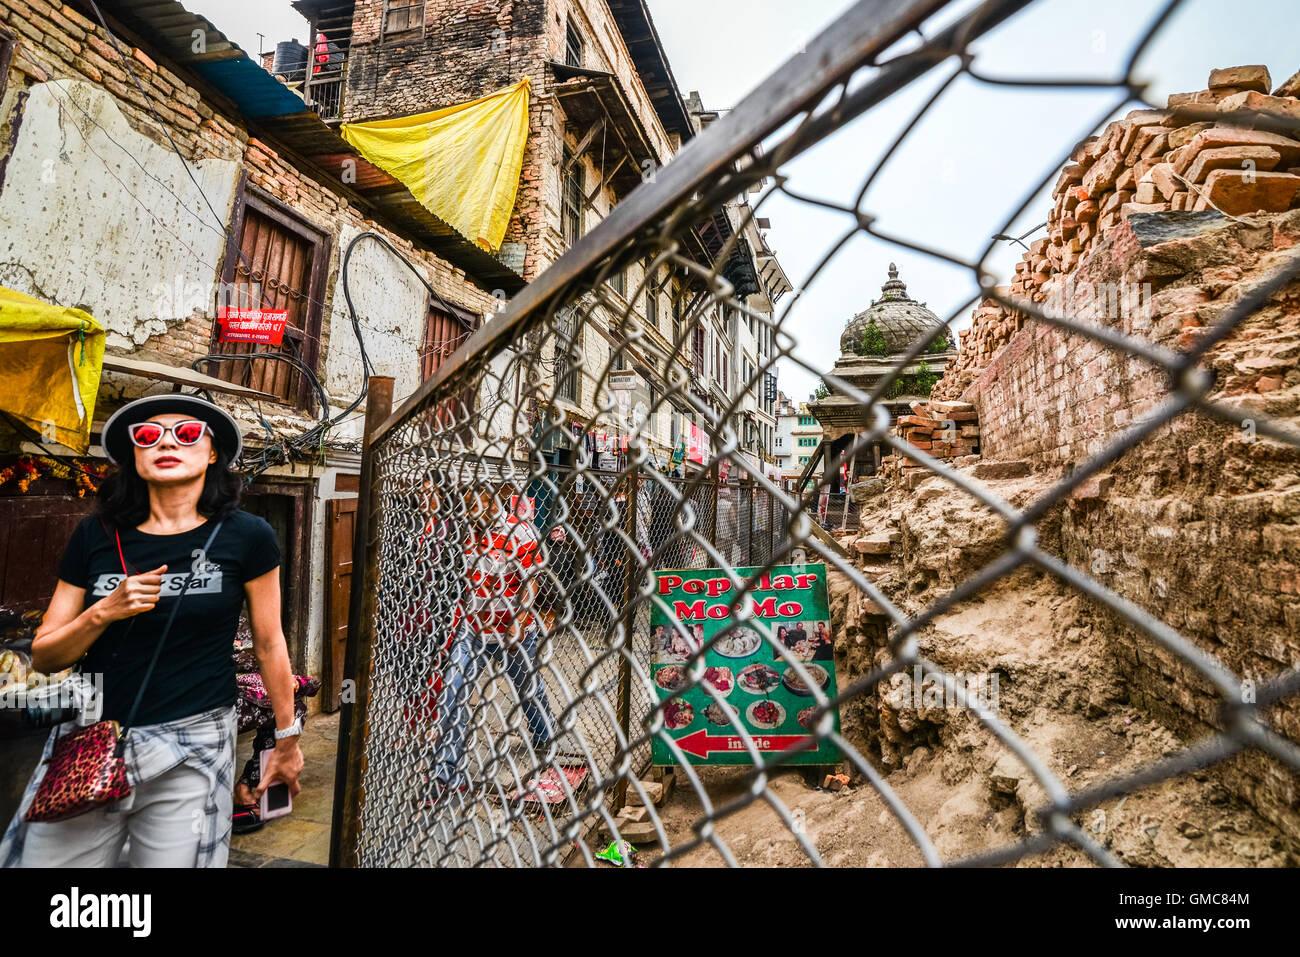 Ostasiatische touristischen durchläuft eine Gasse in der Nähe von einem beschädigten historischen Stockbild